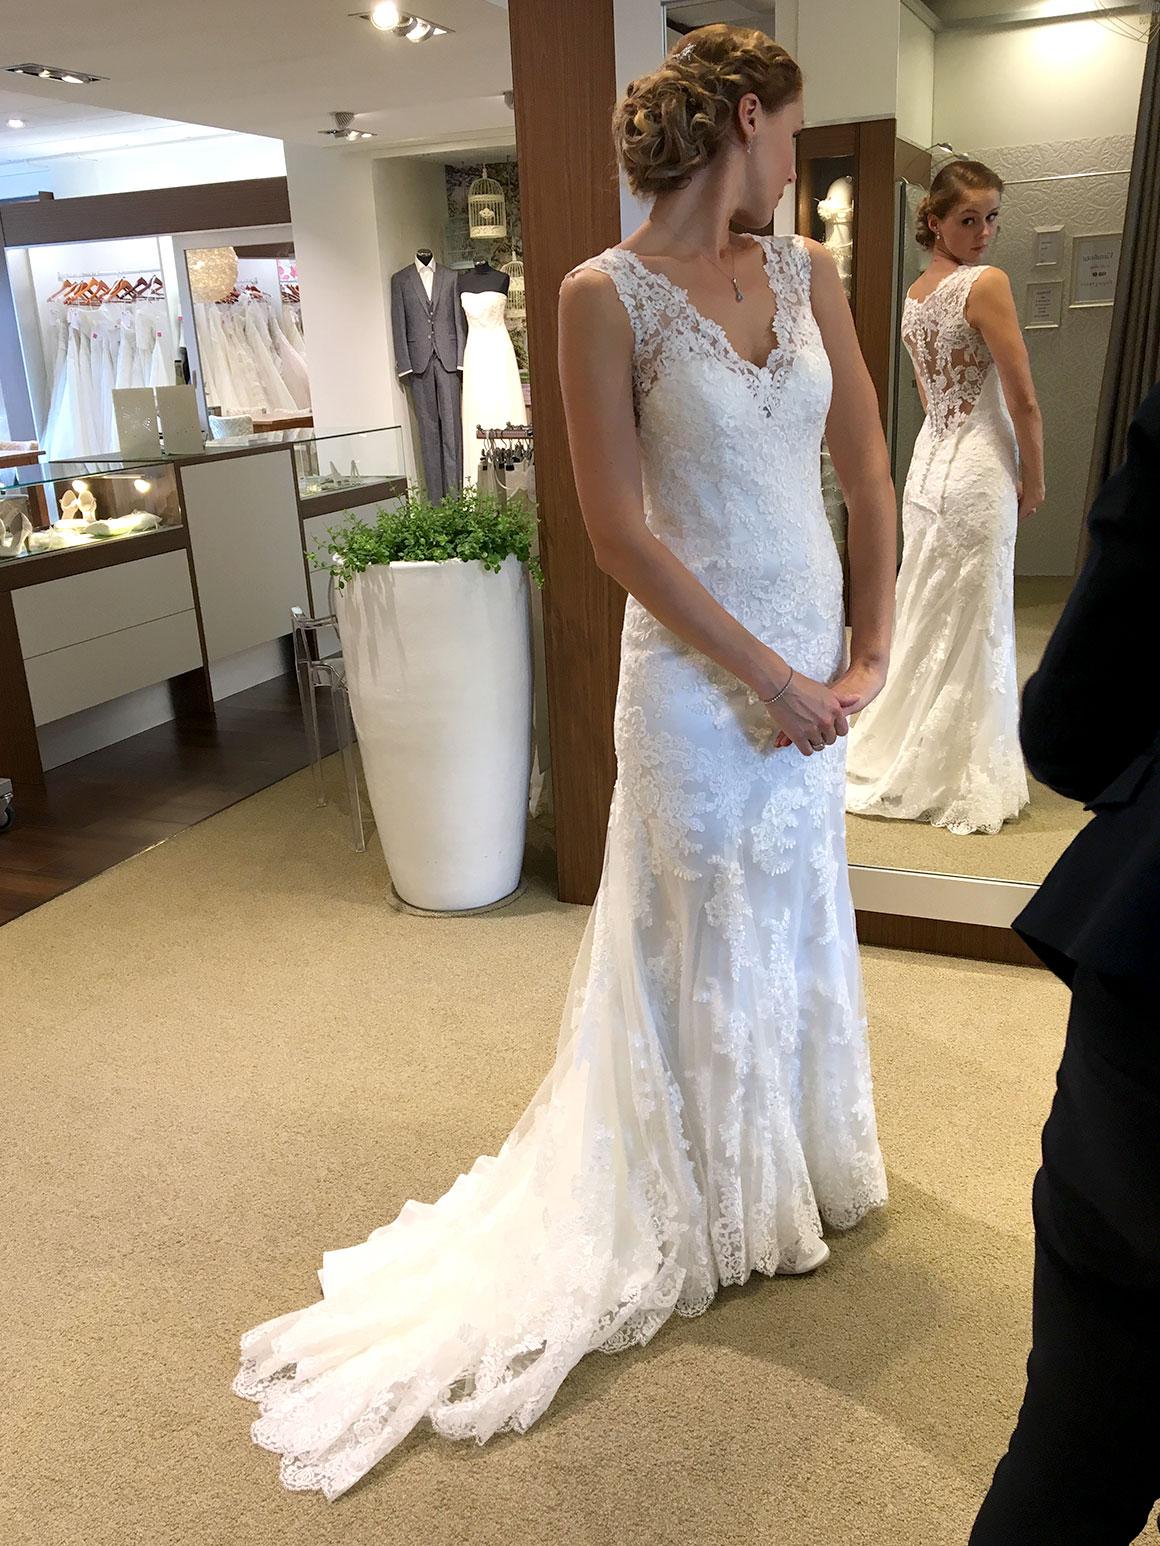 Onze Bruiloft Mijn Trouwjurk 5 My Simply Special